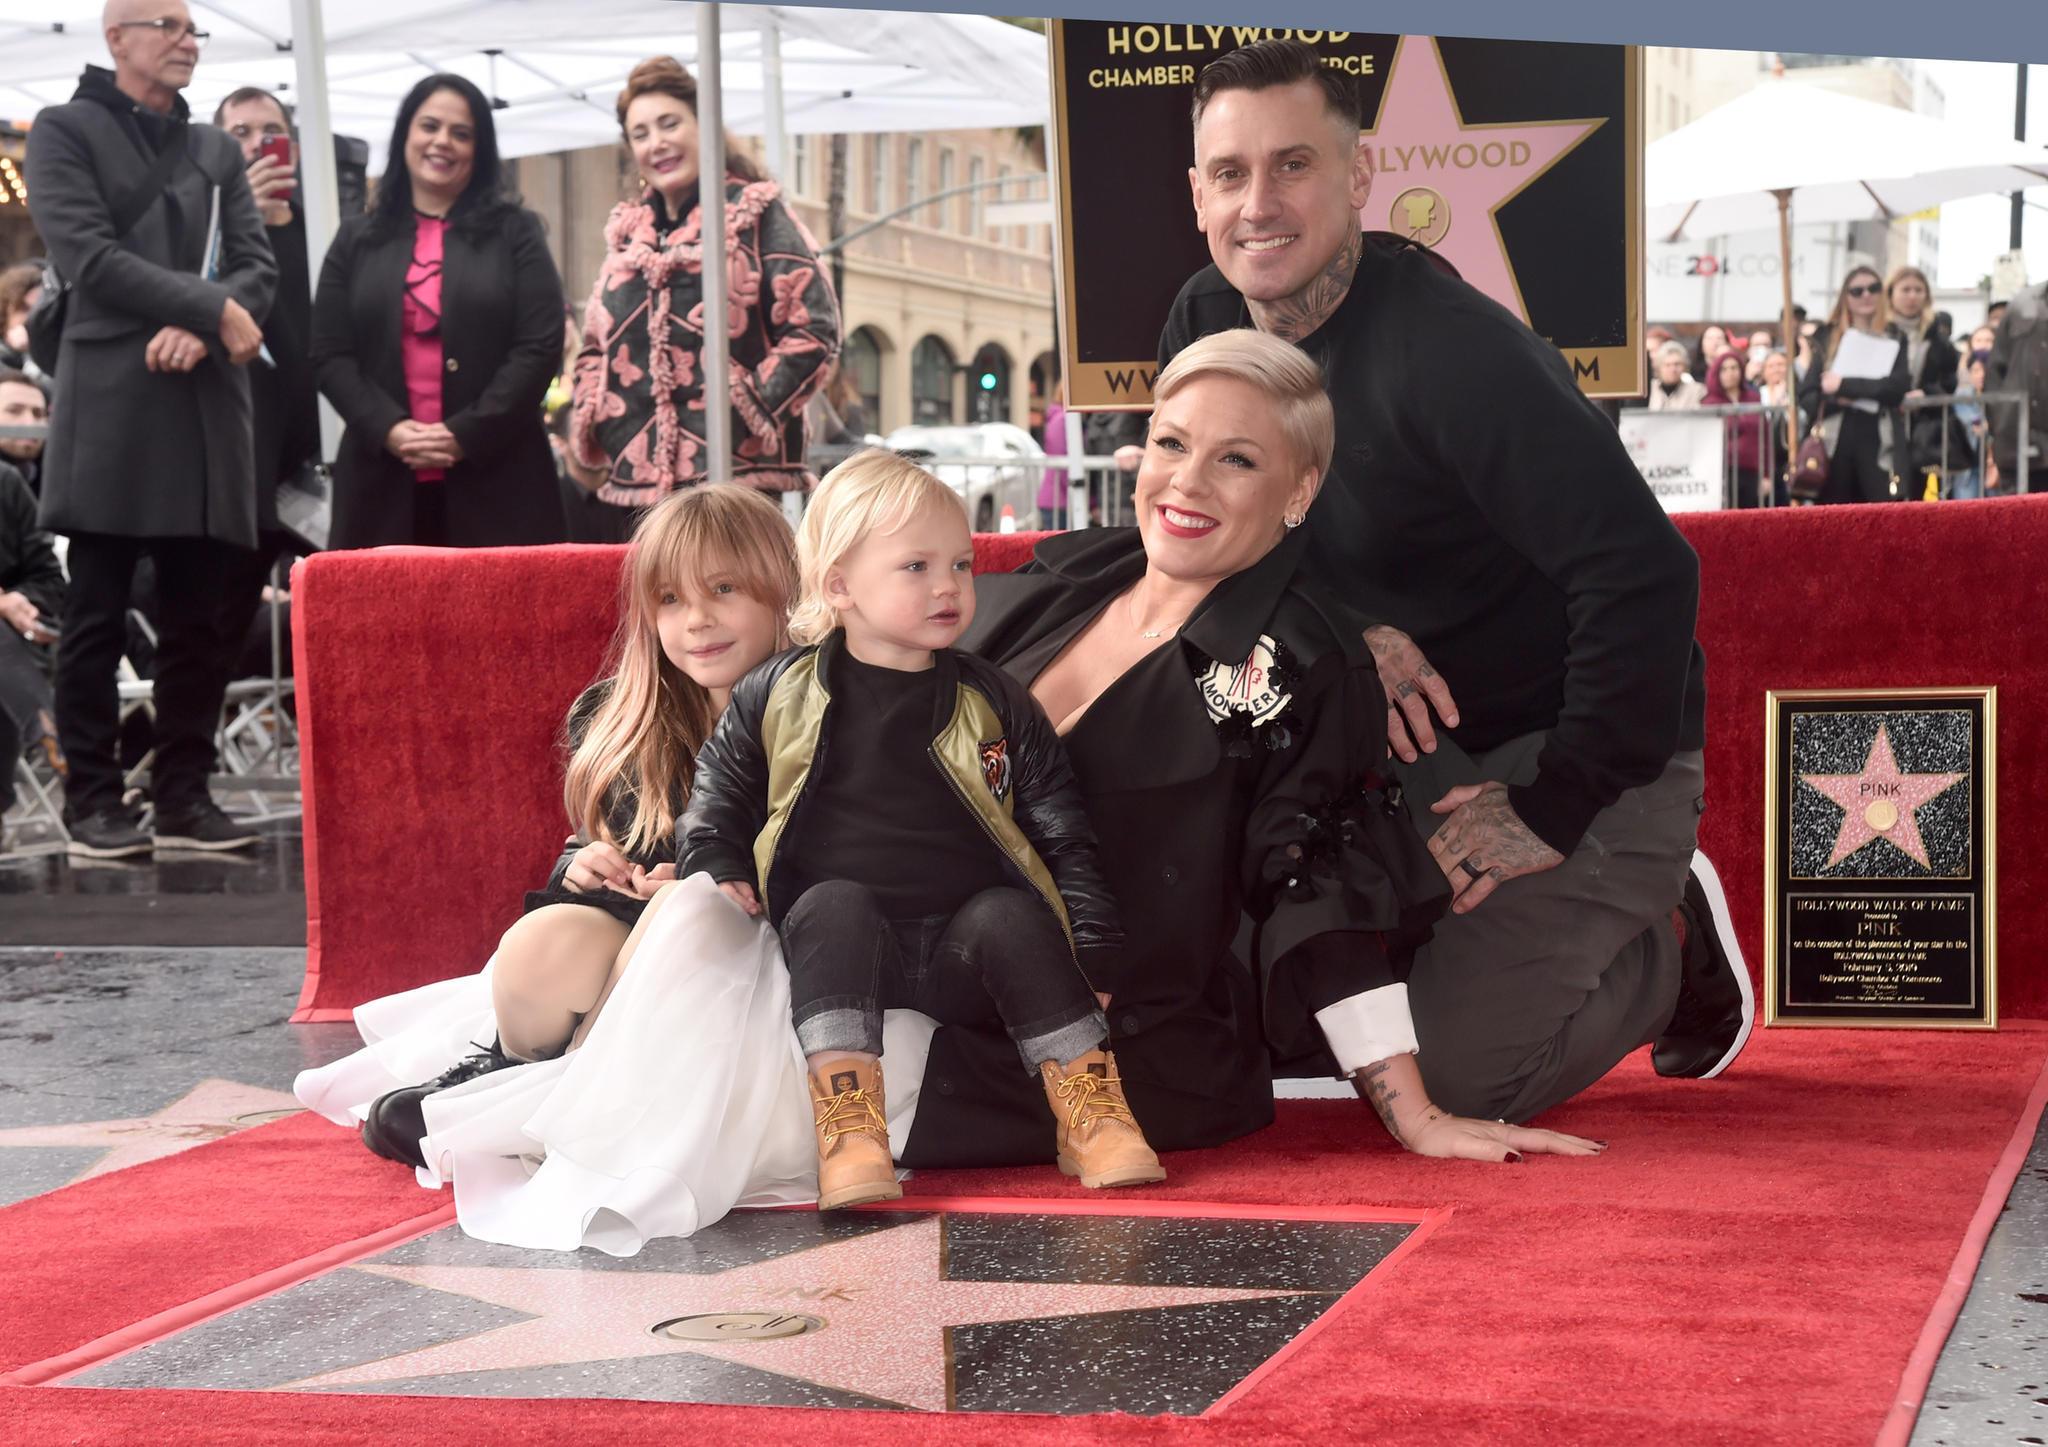 5. Februar 2019  Pink wird mit einem Stern auf dem Walk of Fame geehrt. Vor der begehrten Fliese posiert der Superstar mit seiner Familie: Tochter Willow, Sohn Jameson und Ehemann Carey Hart.